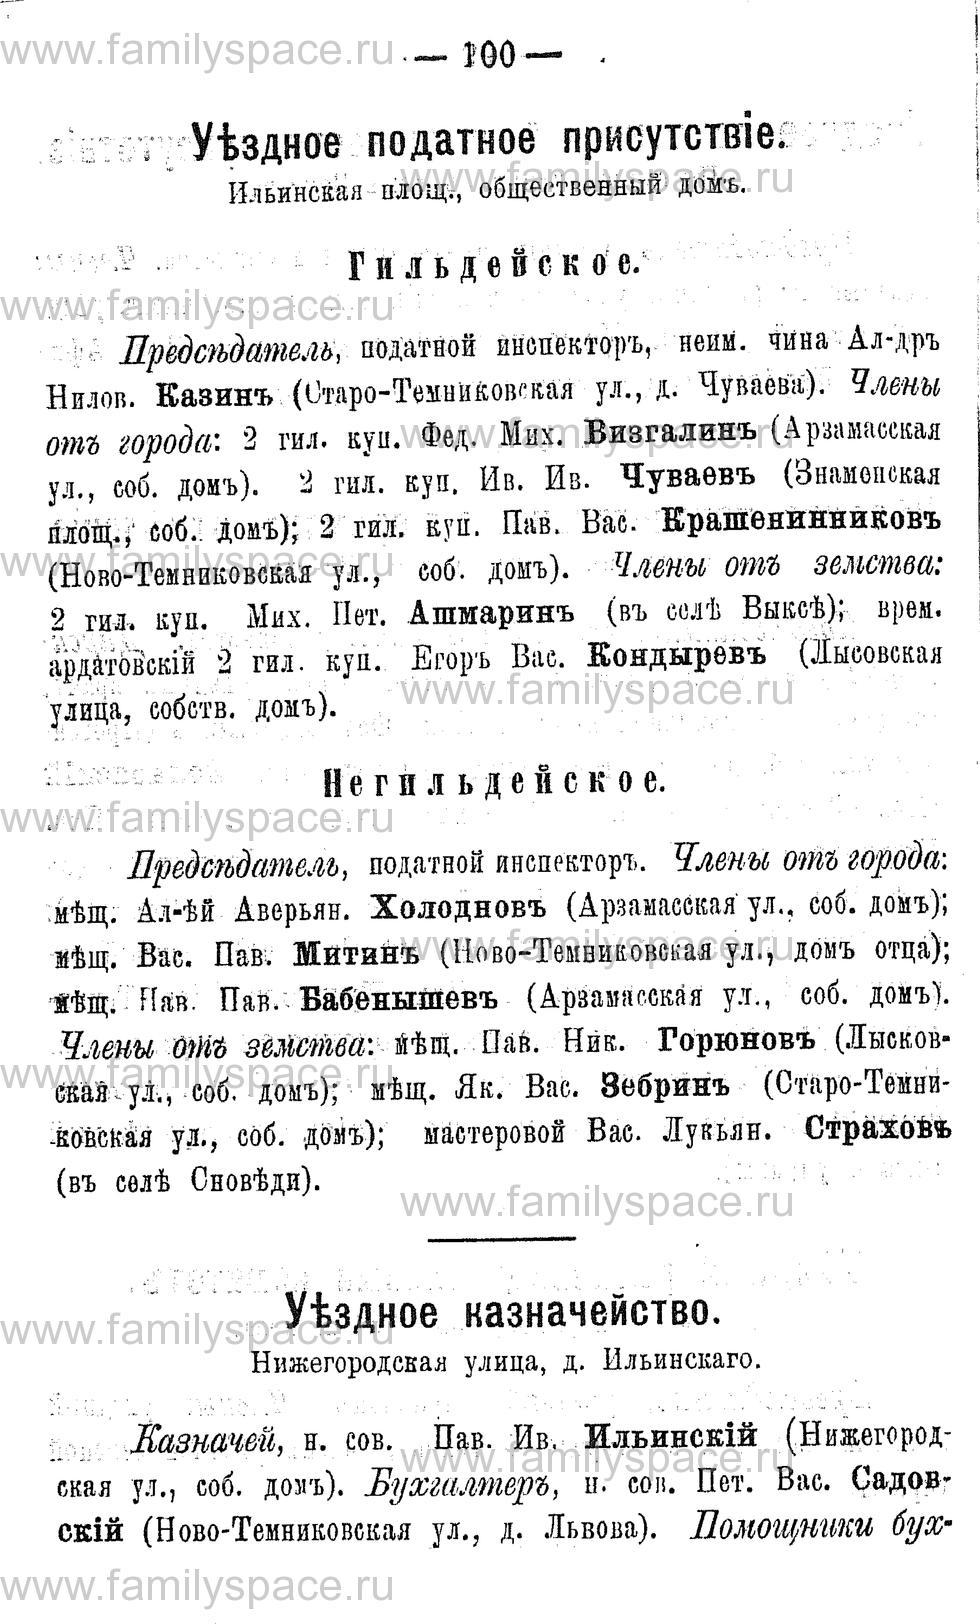 Поиск по фамилии - Адрес-календарь Нижегородской губернии на 1891 год, страница 100